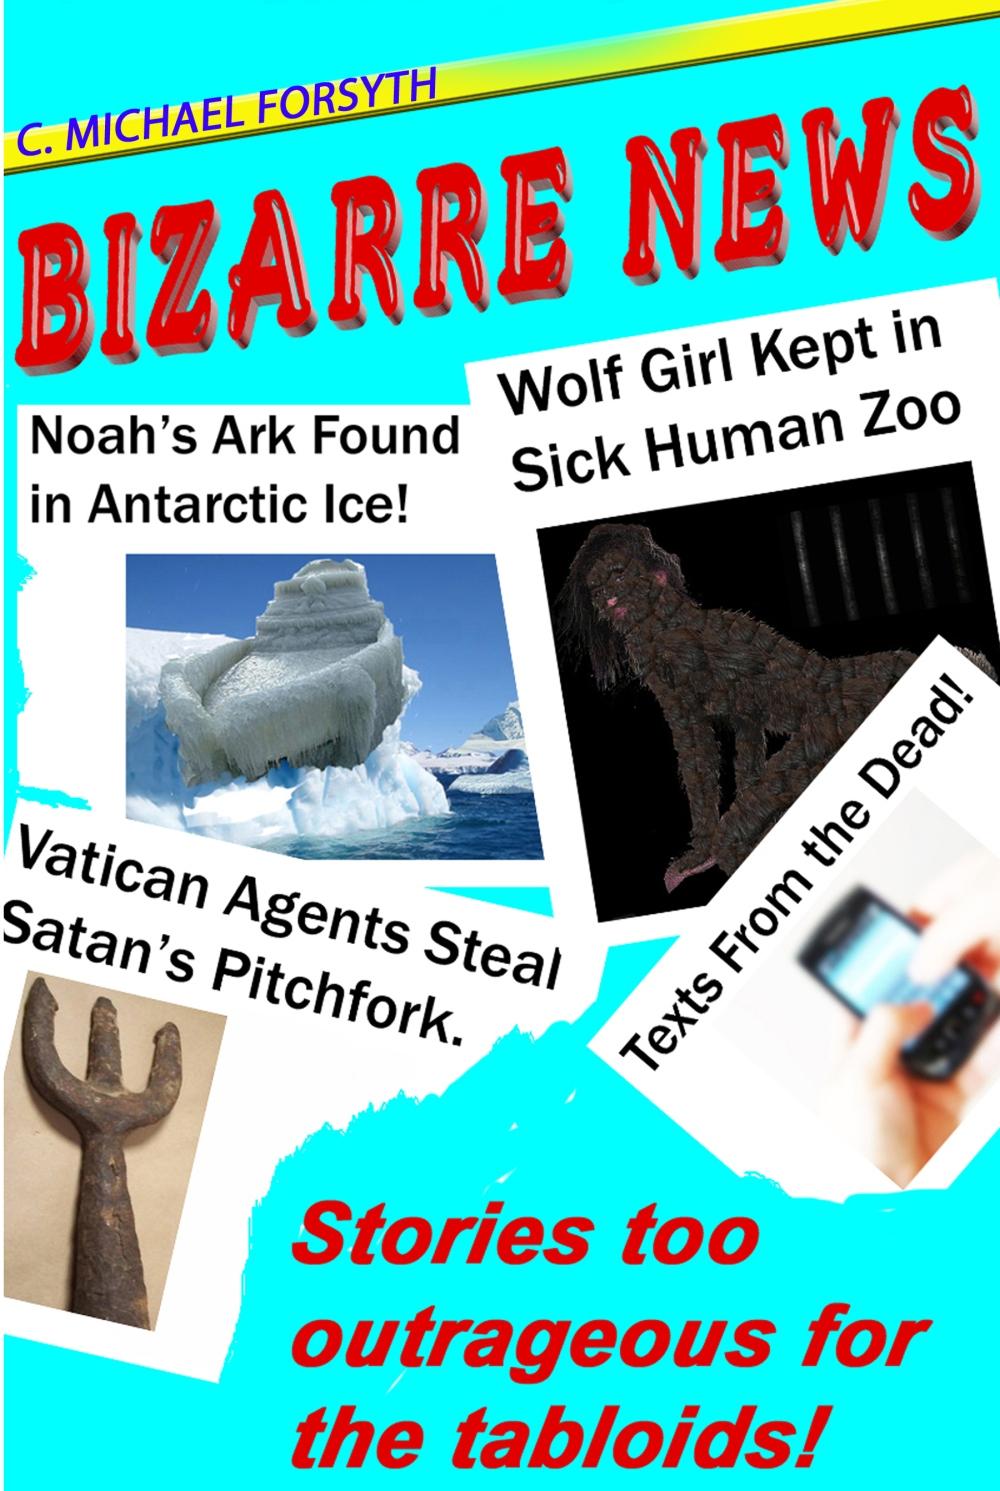 Bizarre News Cover 5